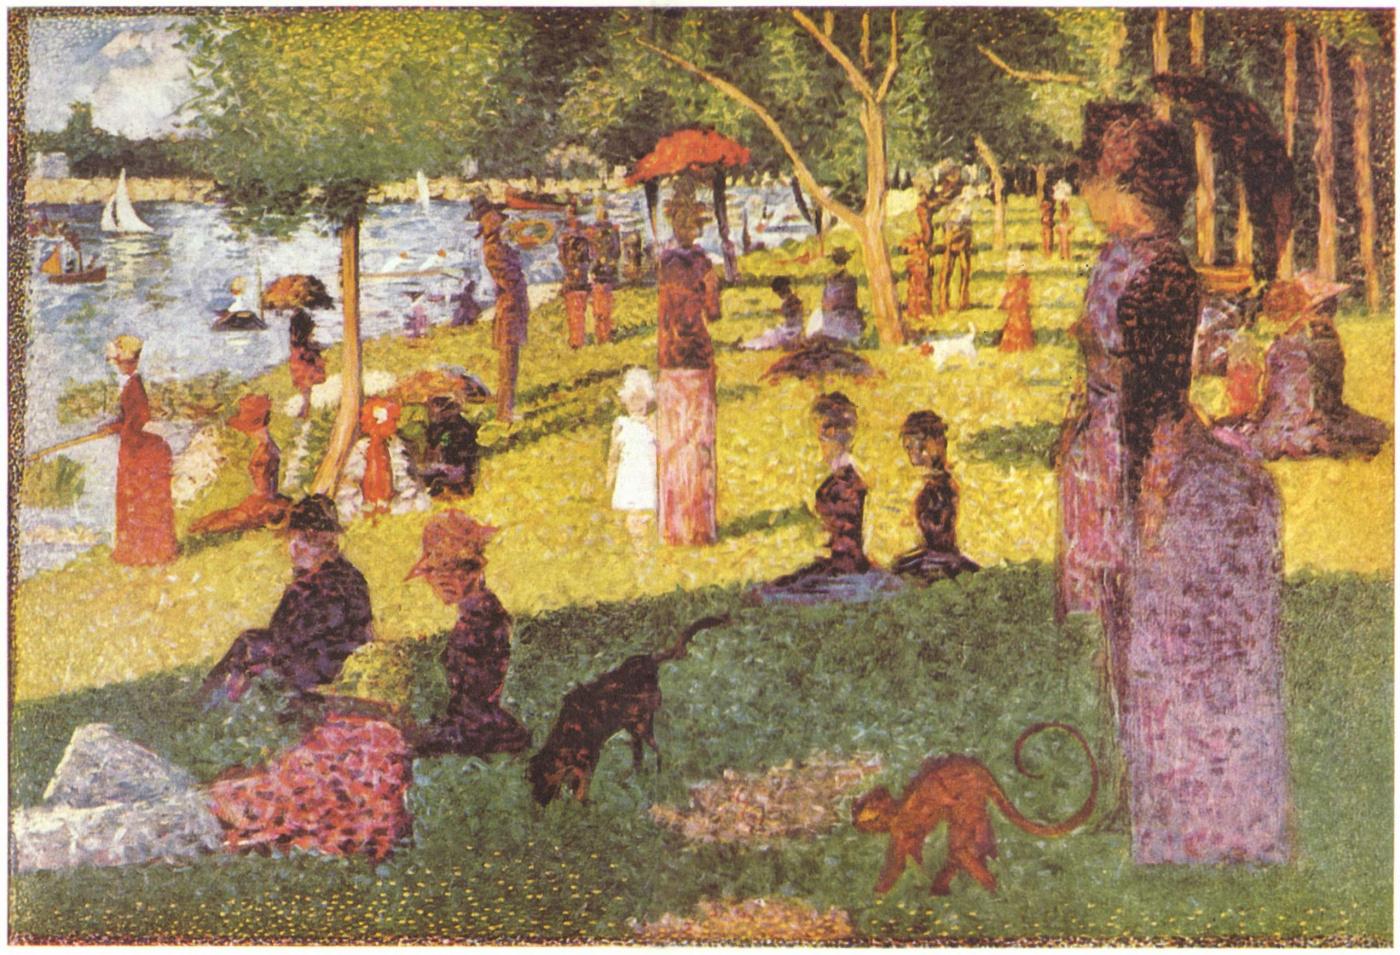 Жорж-Пьер Сёра. Эскиз к Воскресному вечеру на острове Гранд-Жатт.  1885